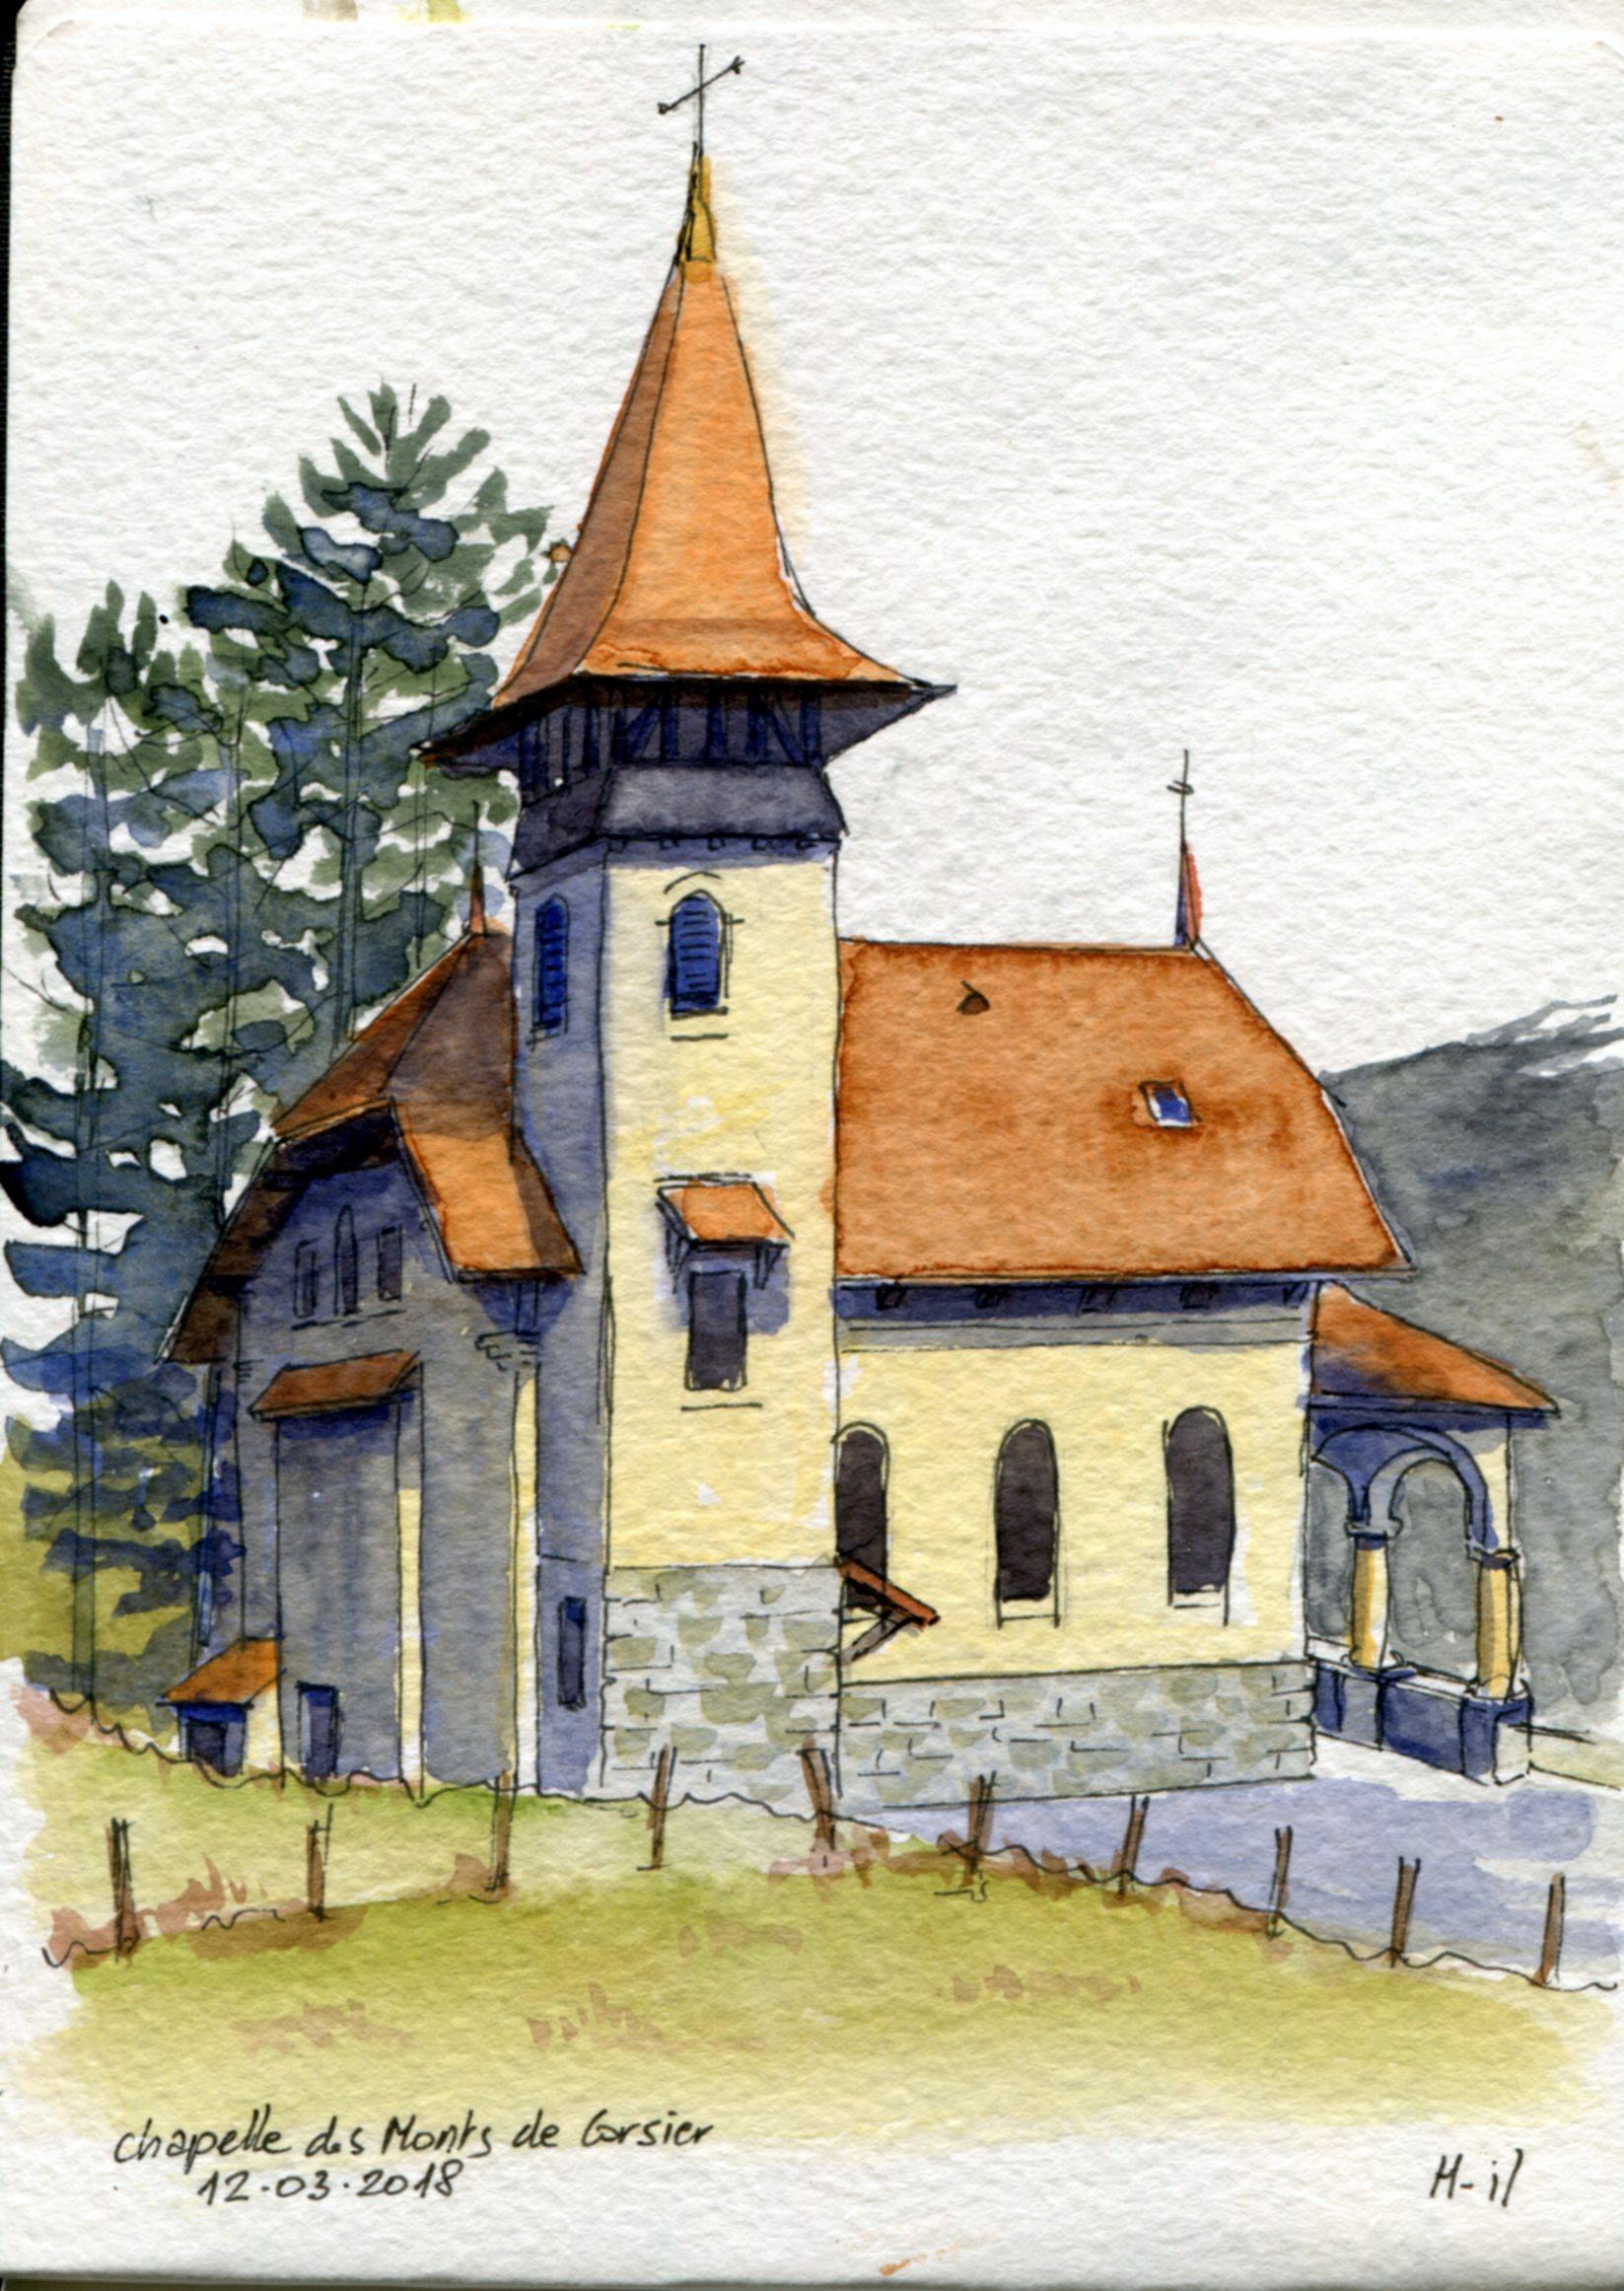 Chapelle Mt Corsier005